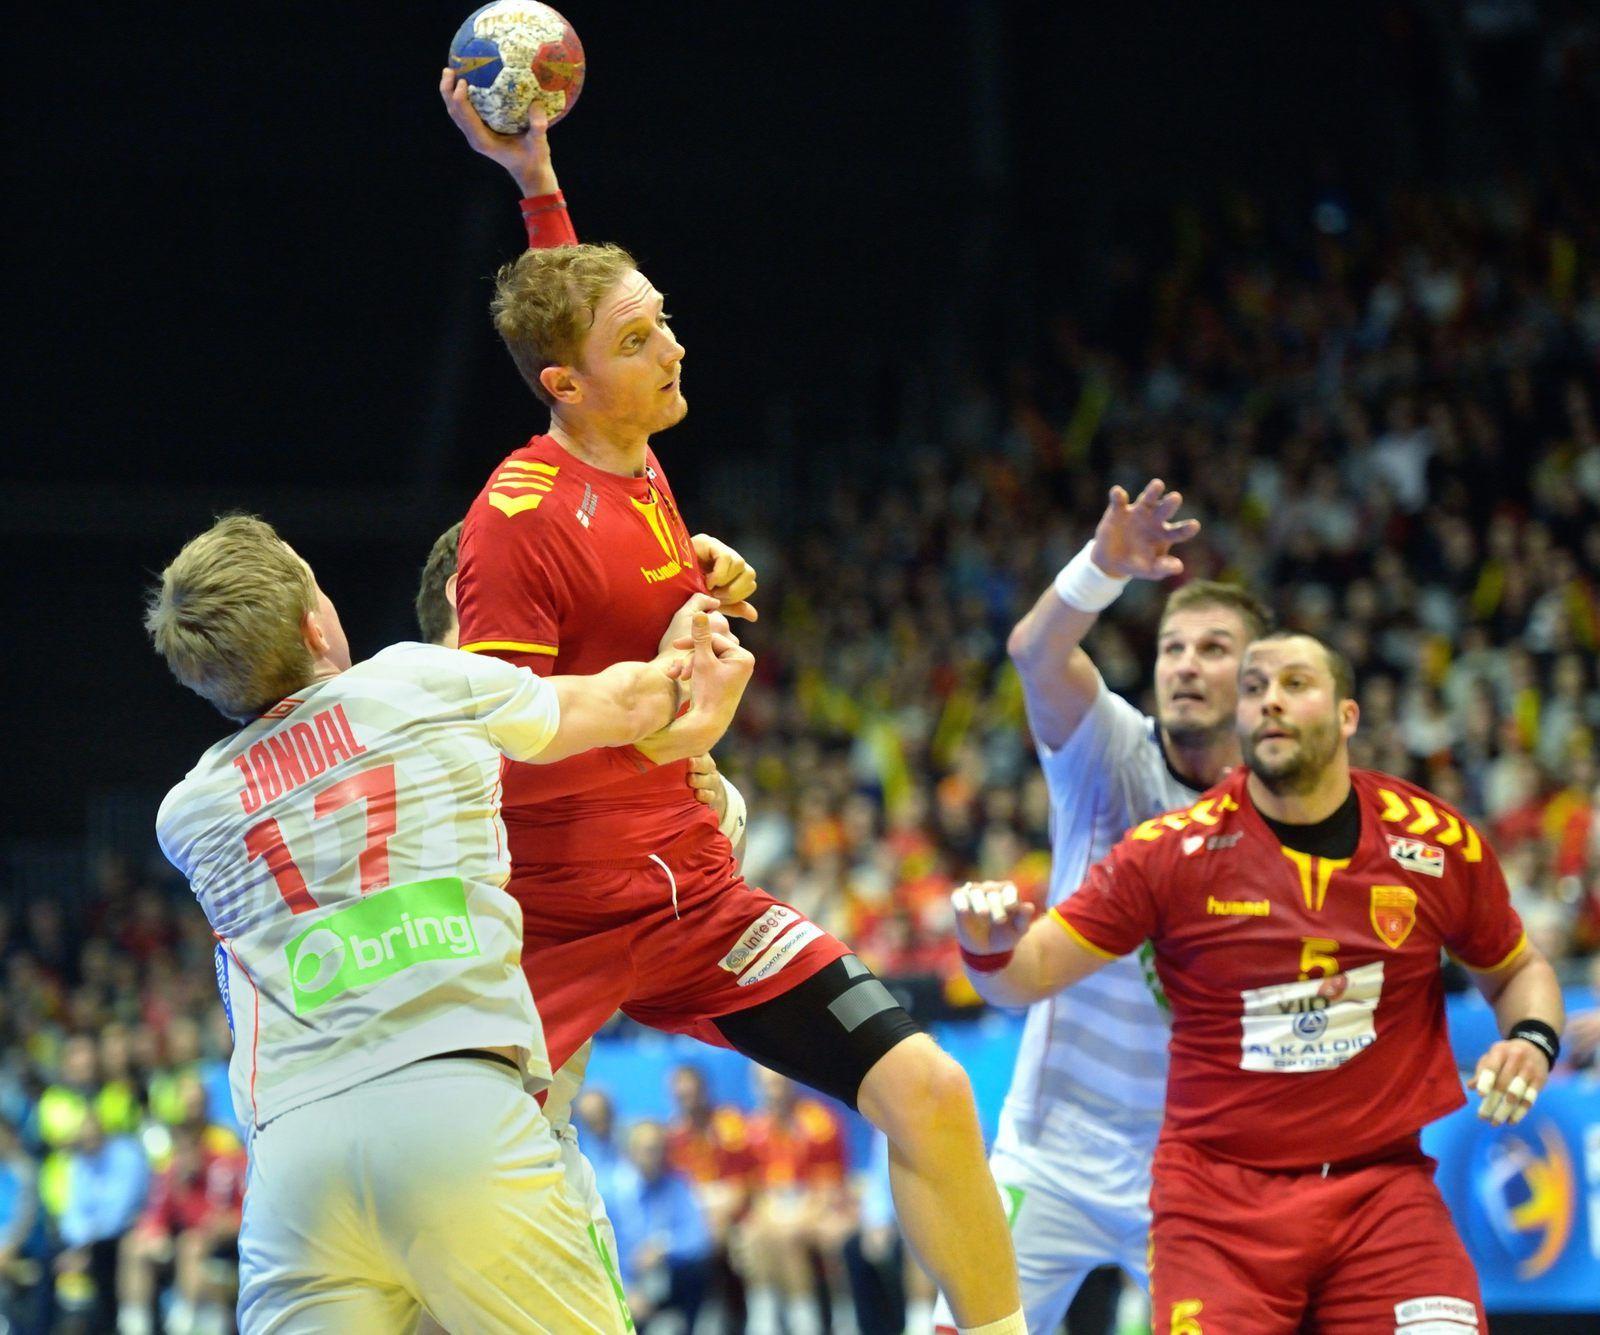 Mondial 2017 la Norvège fait tourner la Macédoine au vinaigre 21 janvier 2017